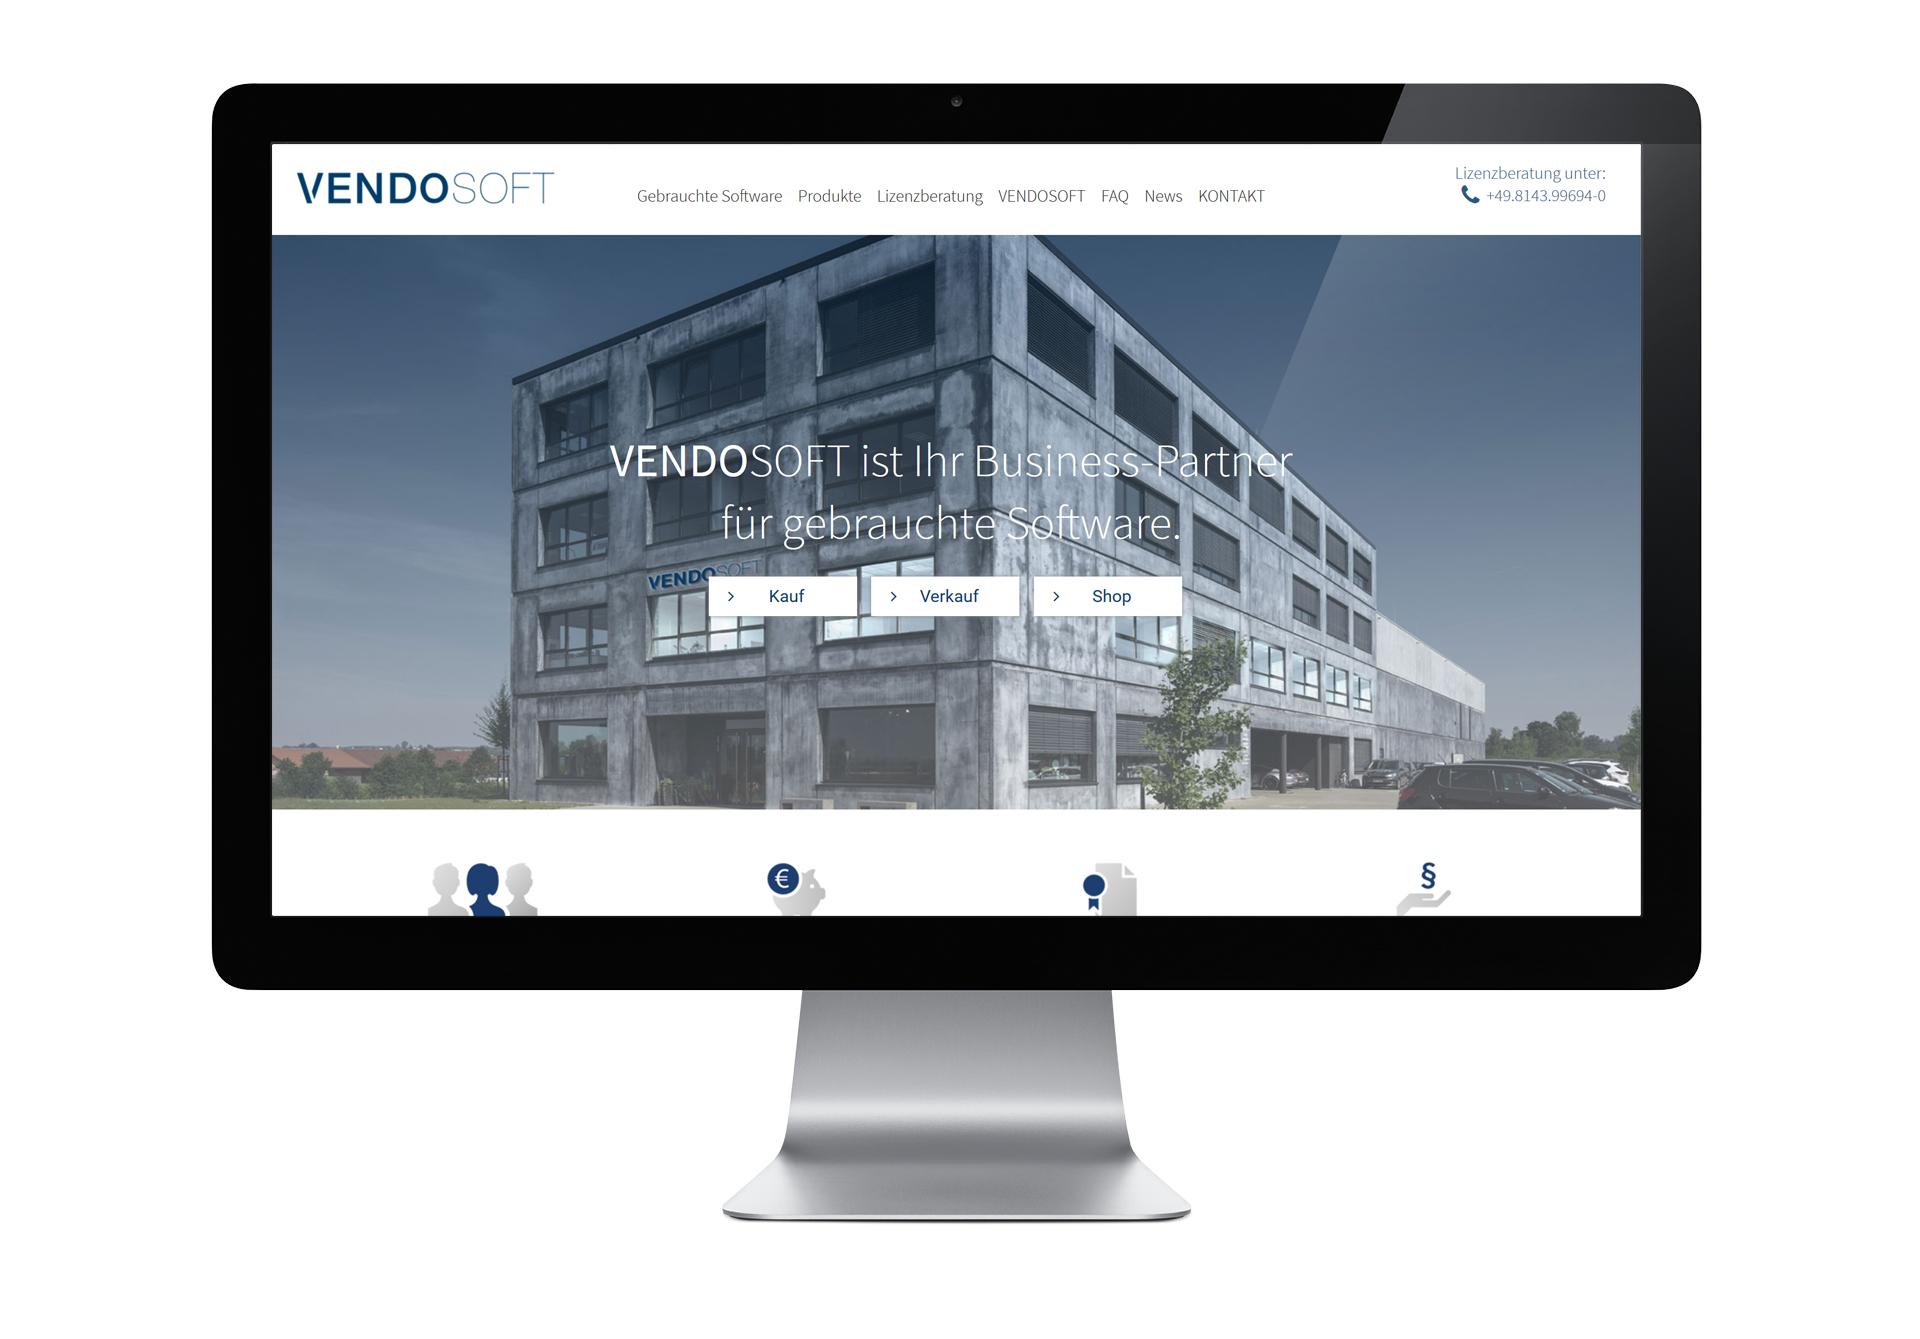 VENDOSOFT Website - gestaltet und programmiert von der Werbeagentur Schwarz Westphal in Dömitz